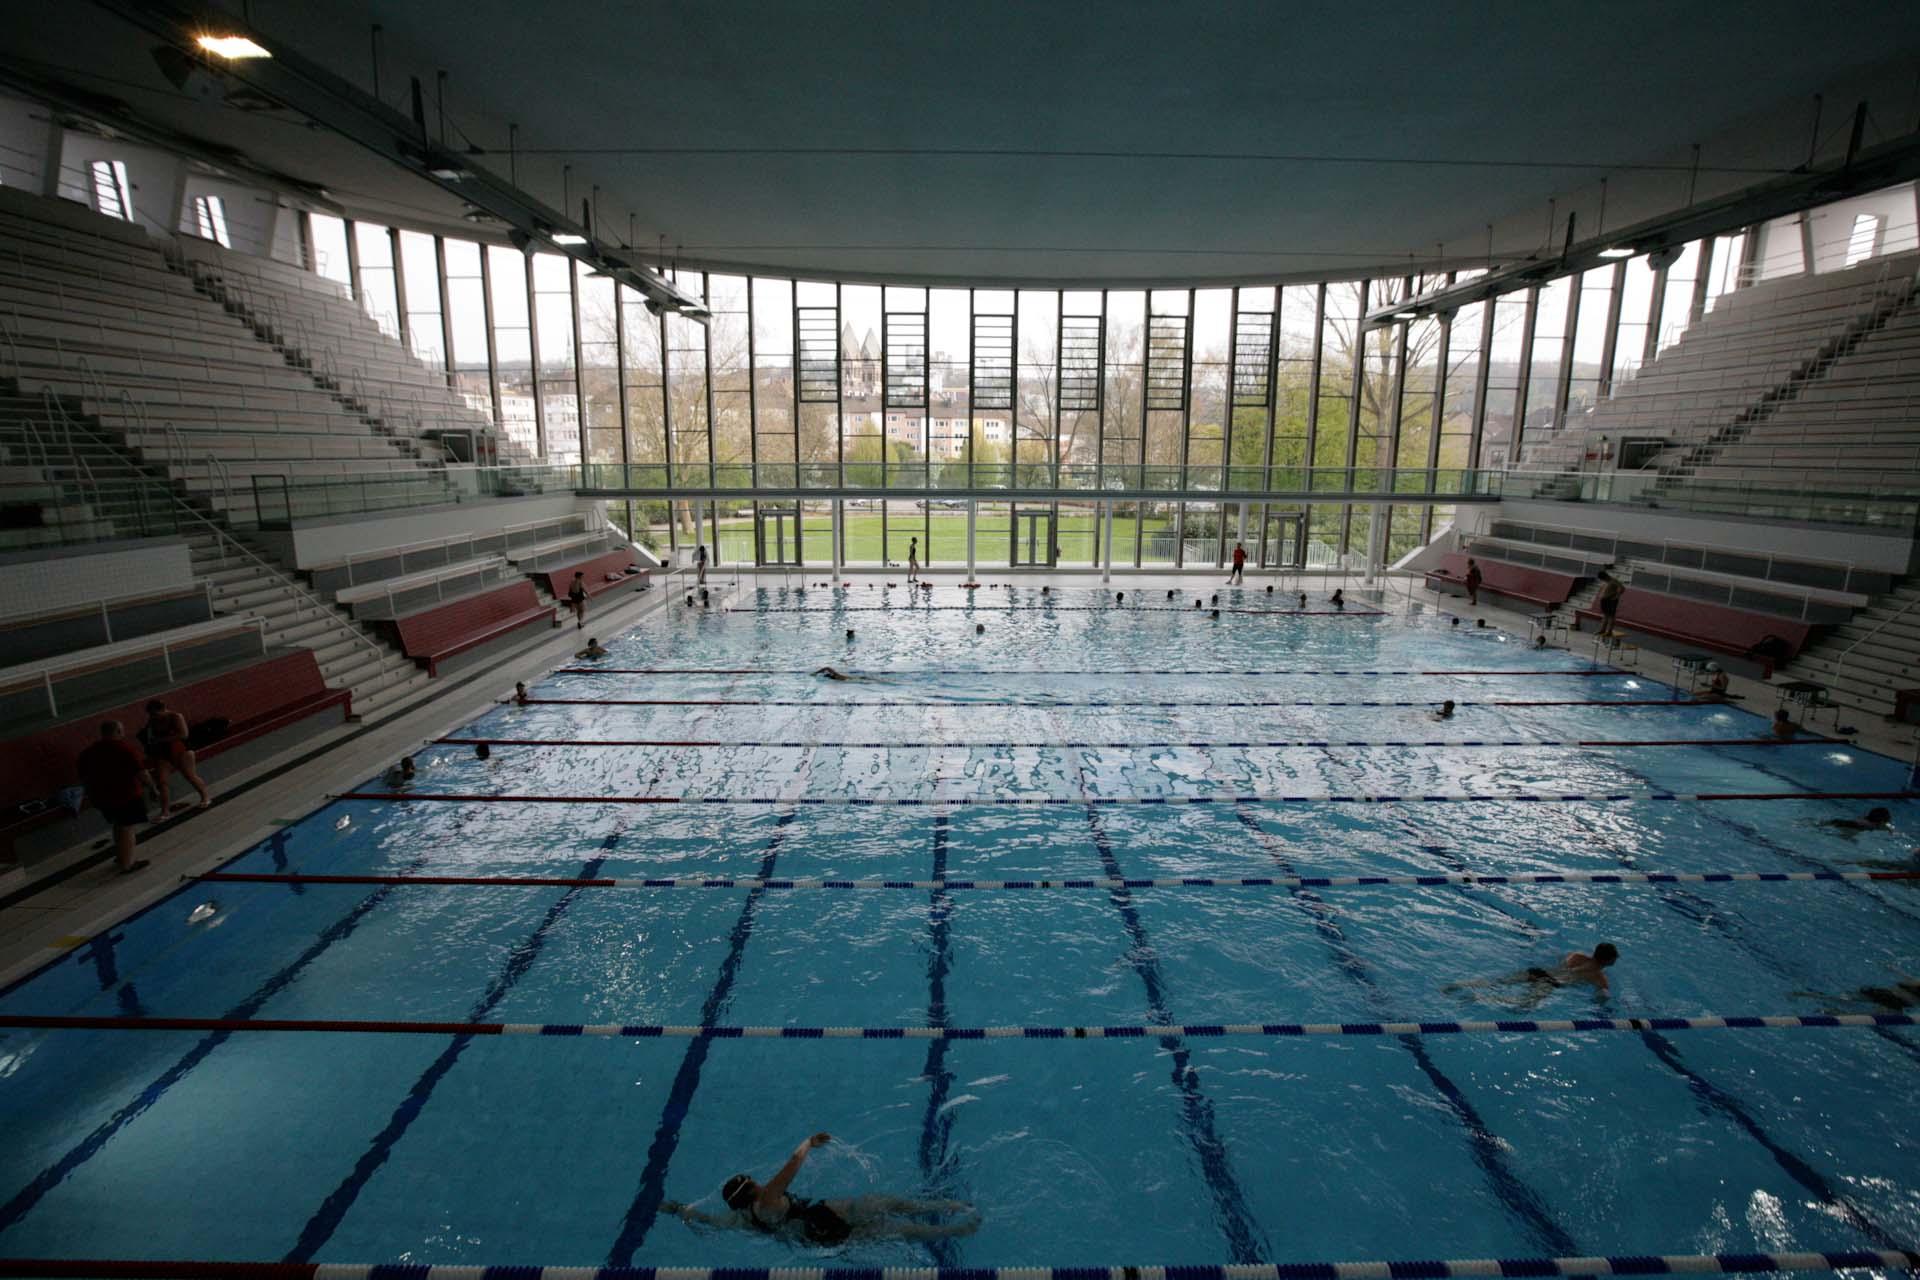 Das Stadtbad, die Wuppertaler 'Schwimmoper', wurde 1957 erbaut und 1995 in die Denkmalschutzliste der Stadt eingetragen